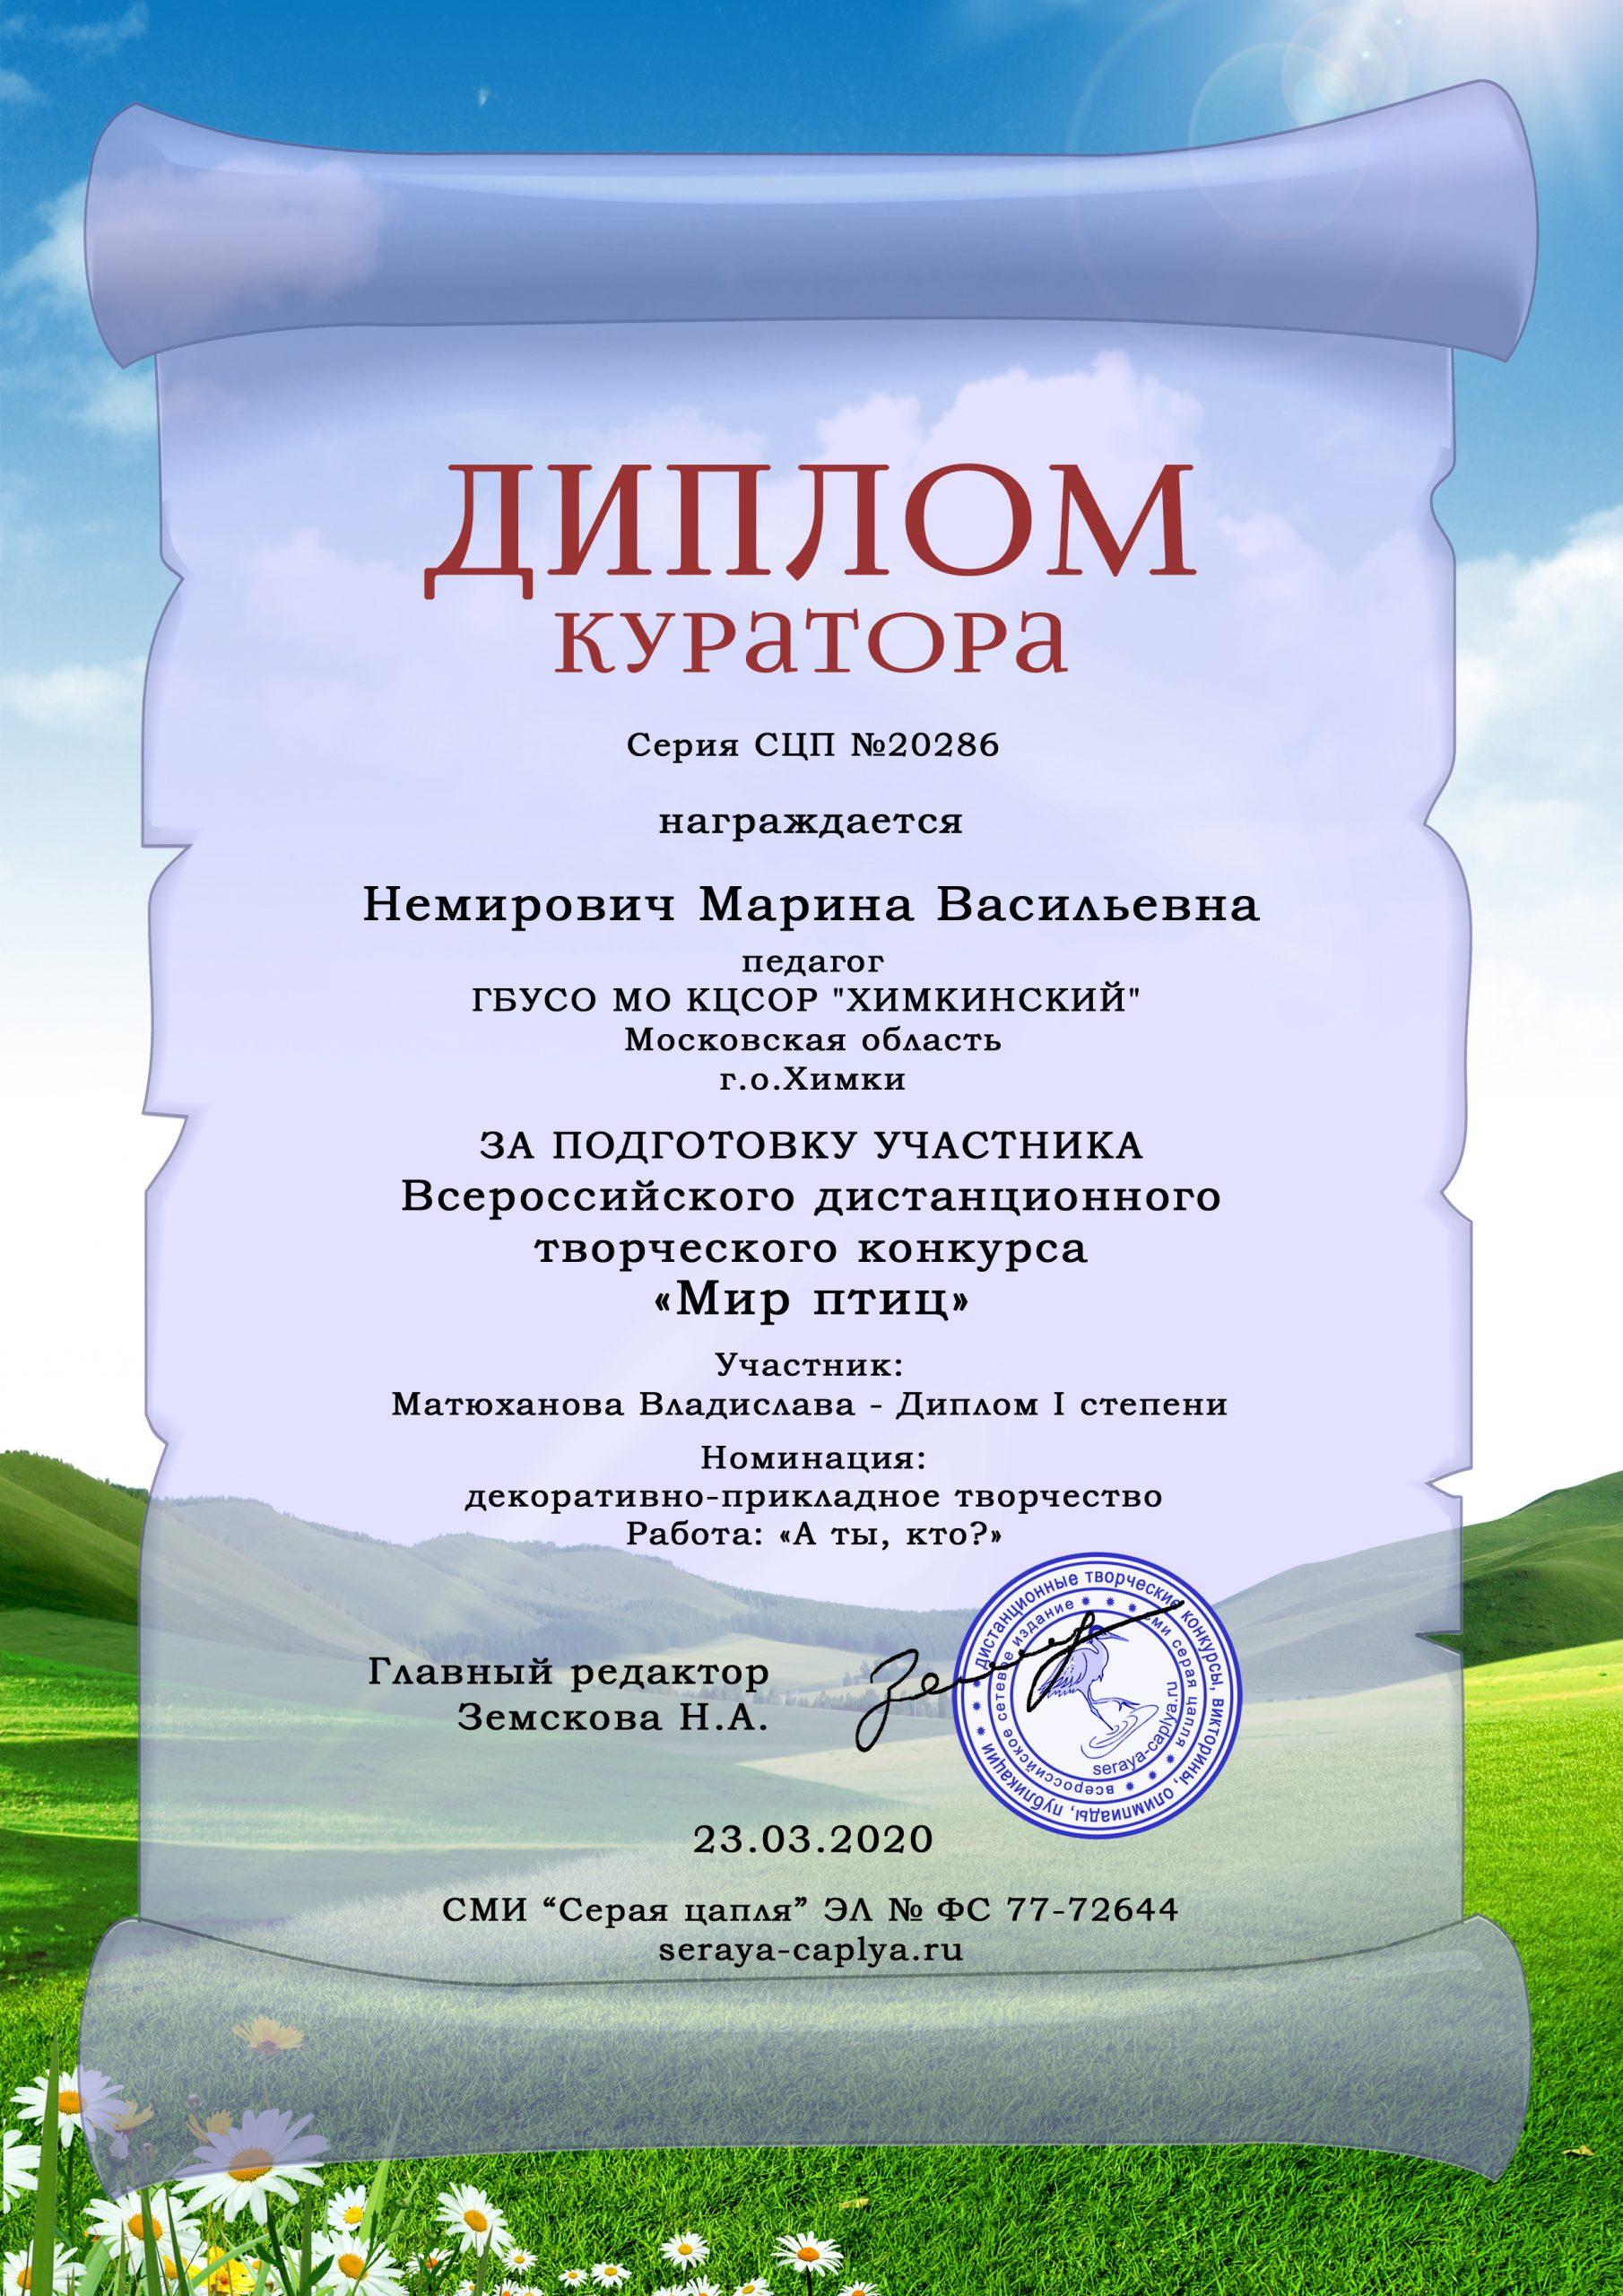 Немирович-Матюханова